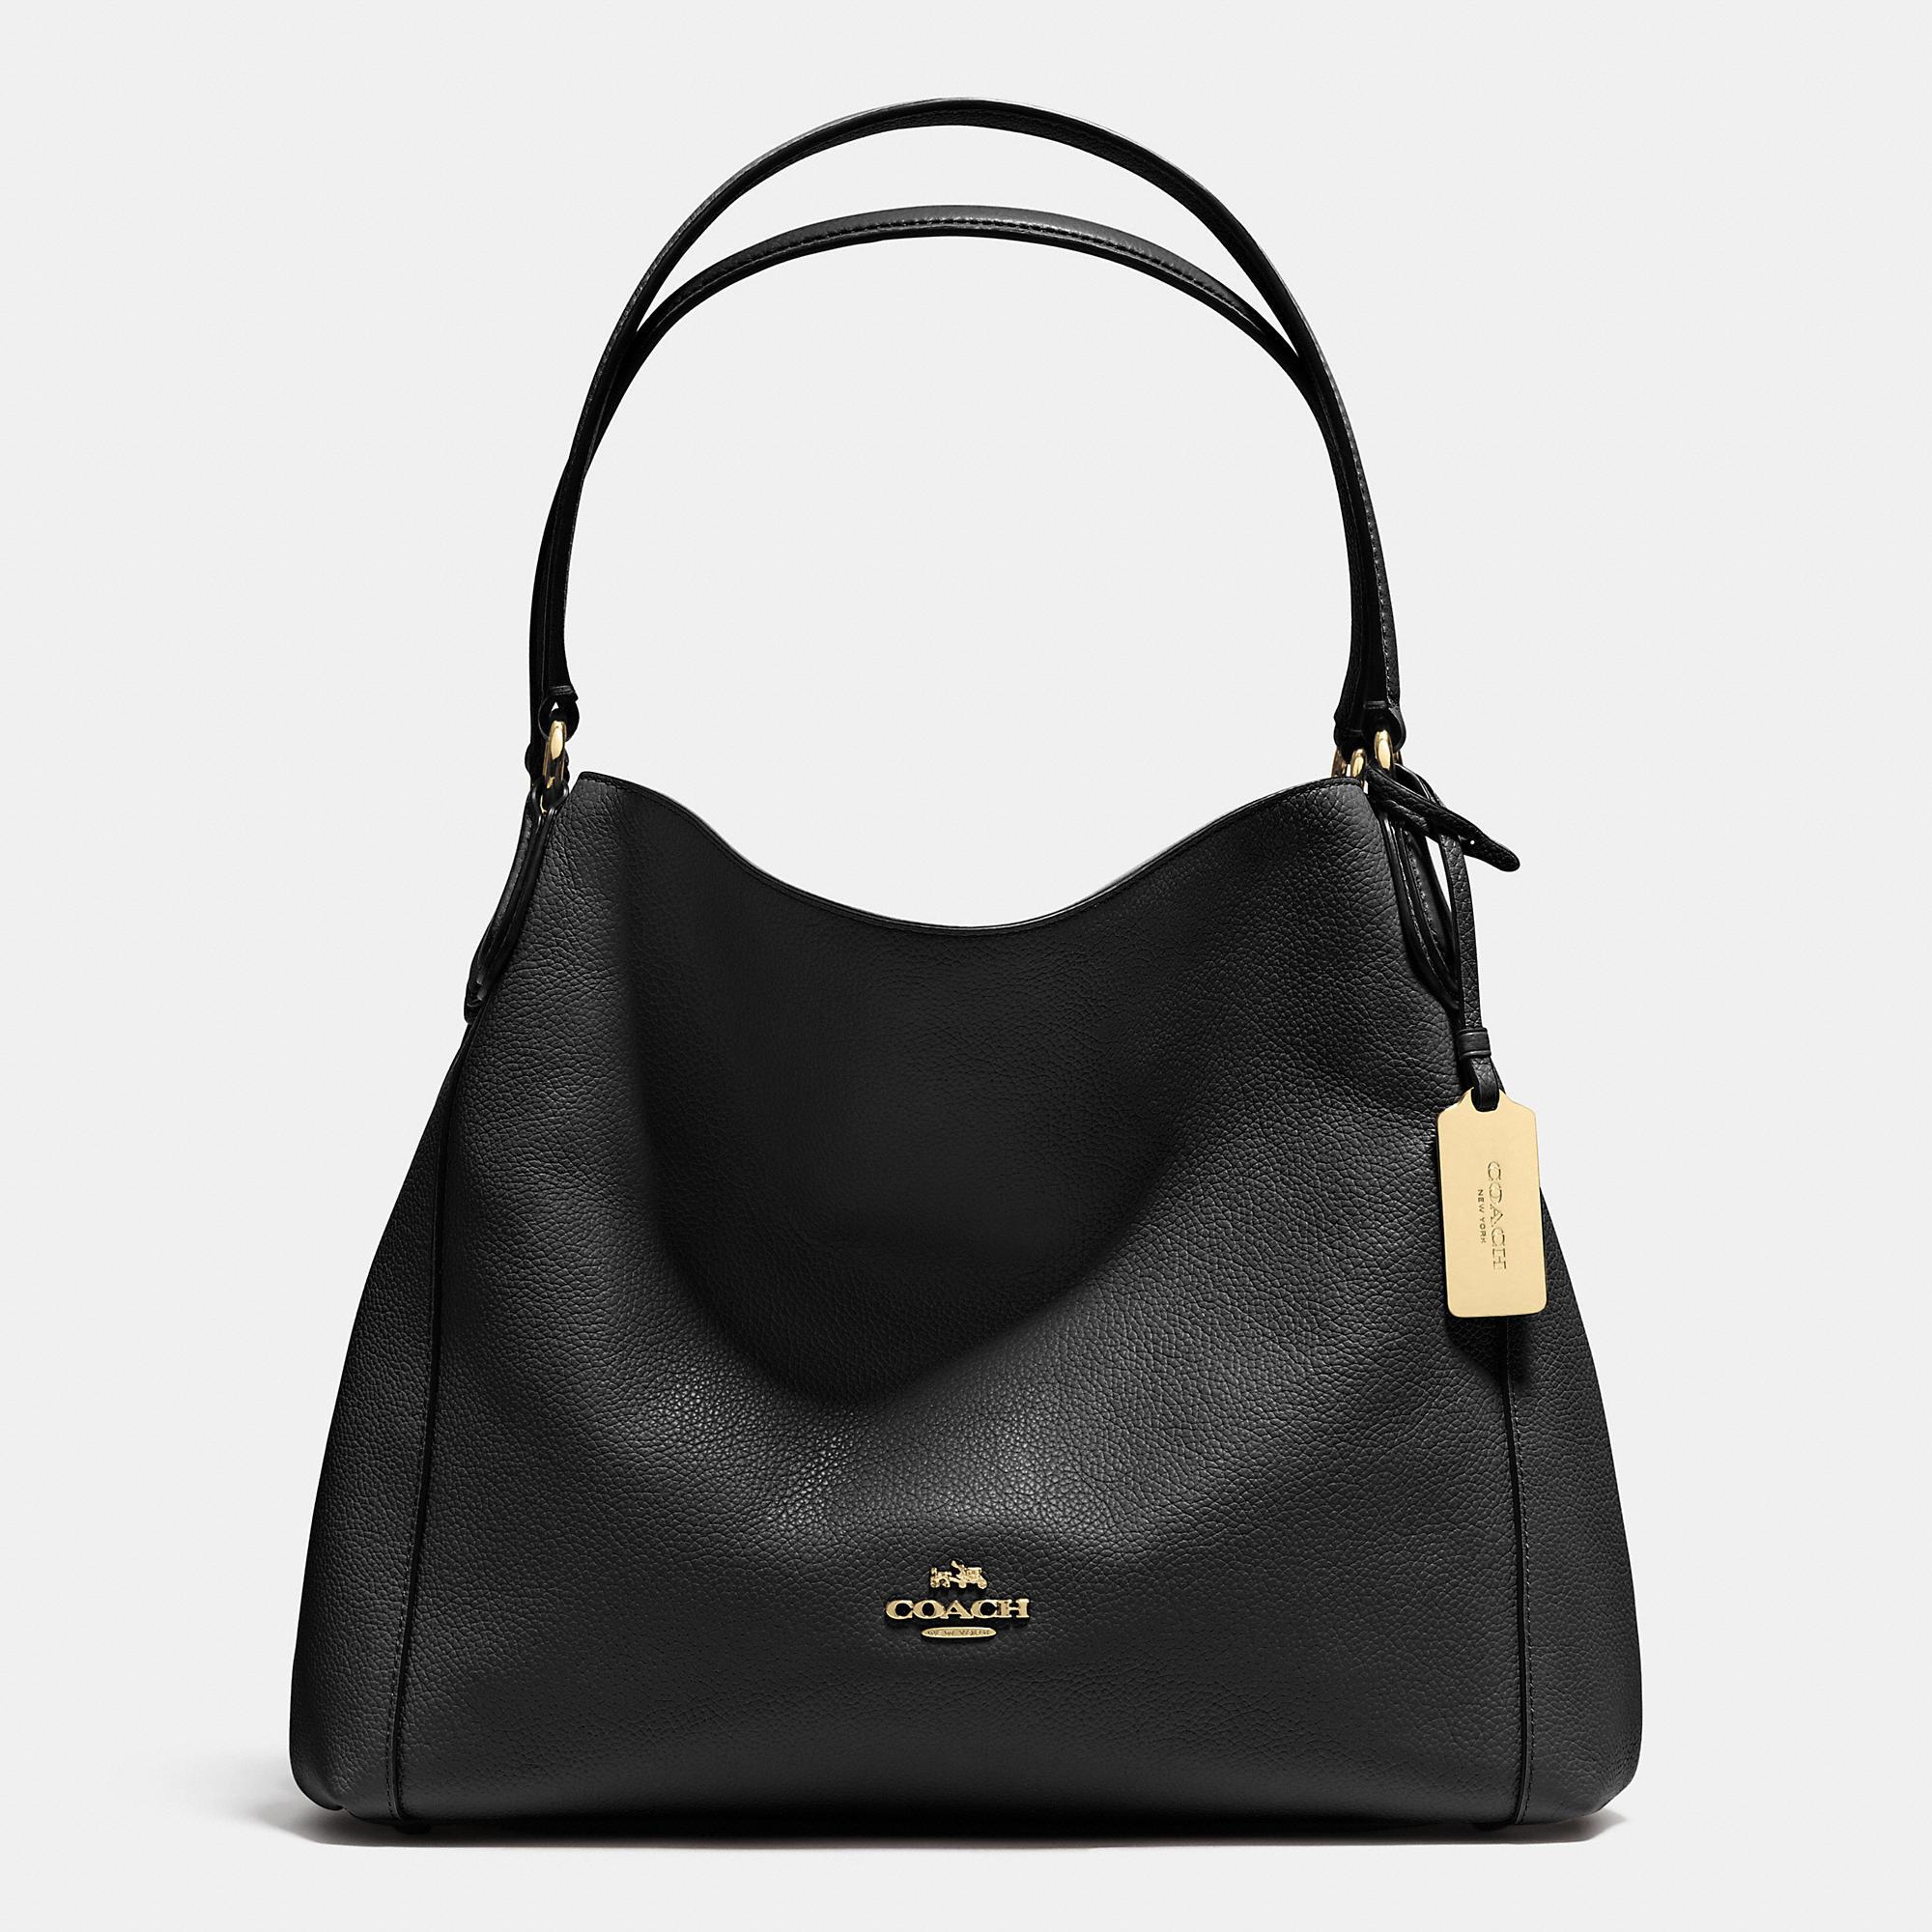 a2da5a8a69 COACH Edie 31 Leather Shoulder Bag in Black - Lyst